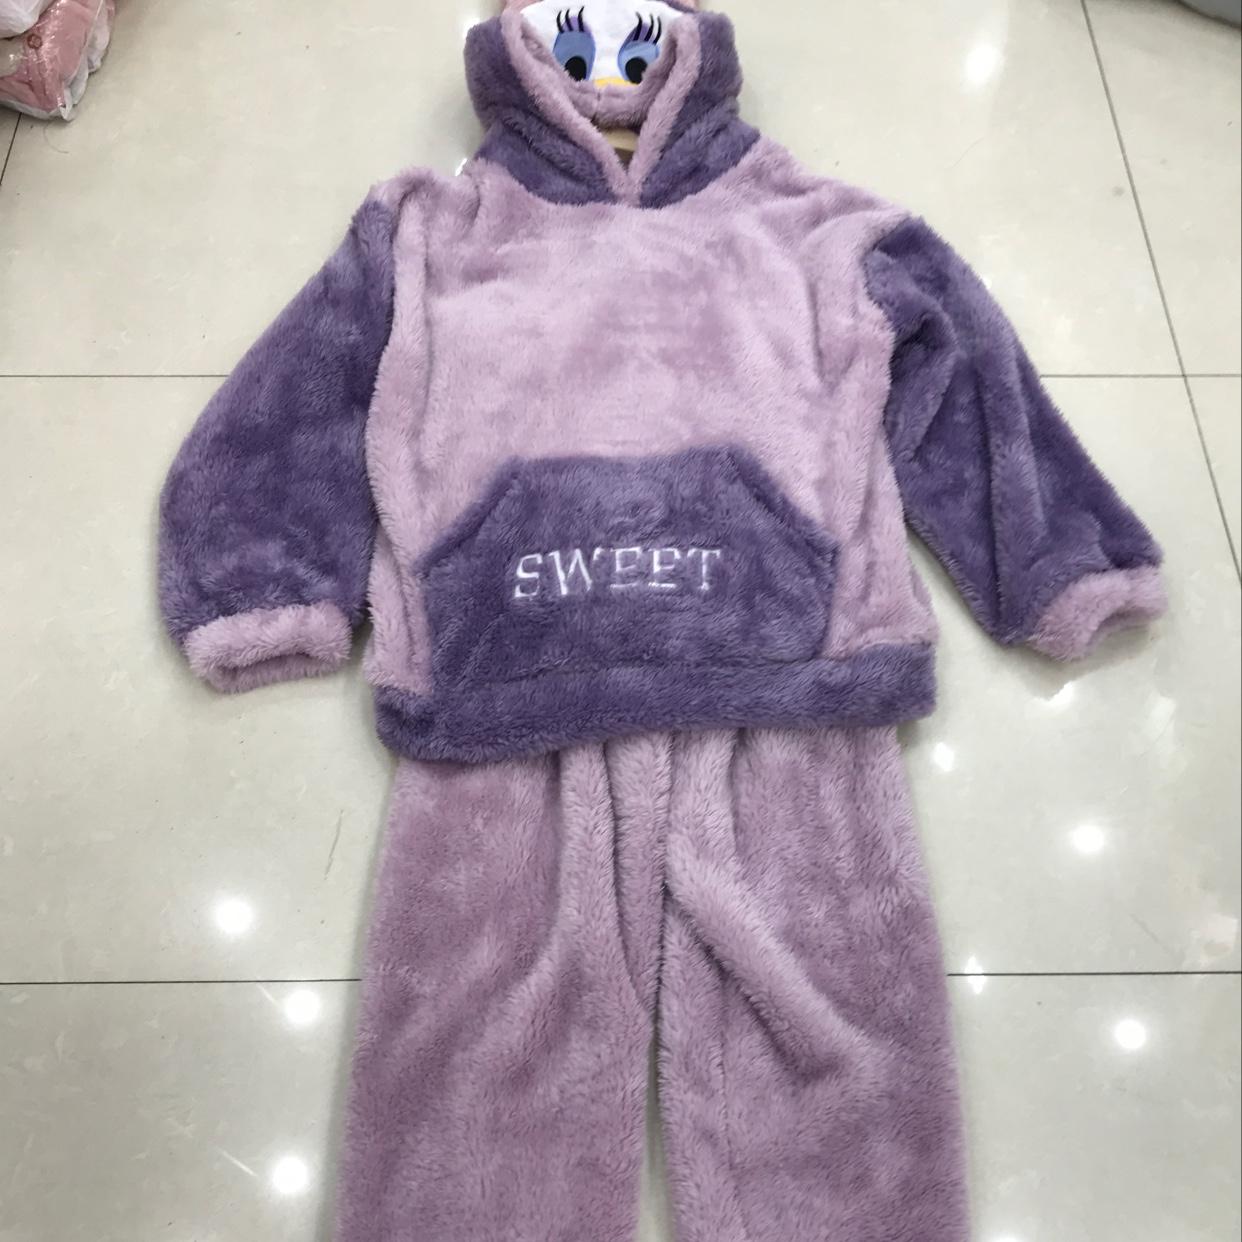 冬季的羊毛长毛绒睡衣套装,家居服戴帽子的鸭子图案,今年的爆款。